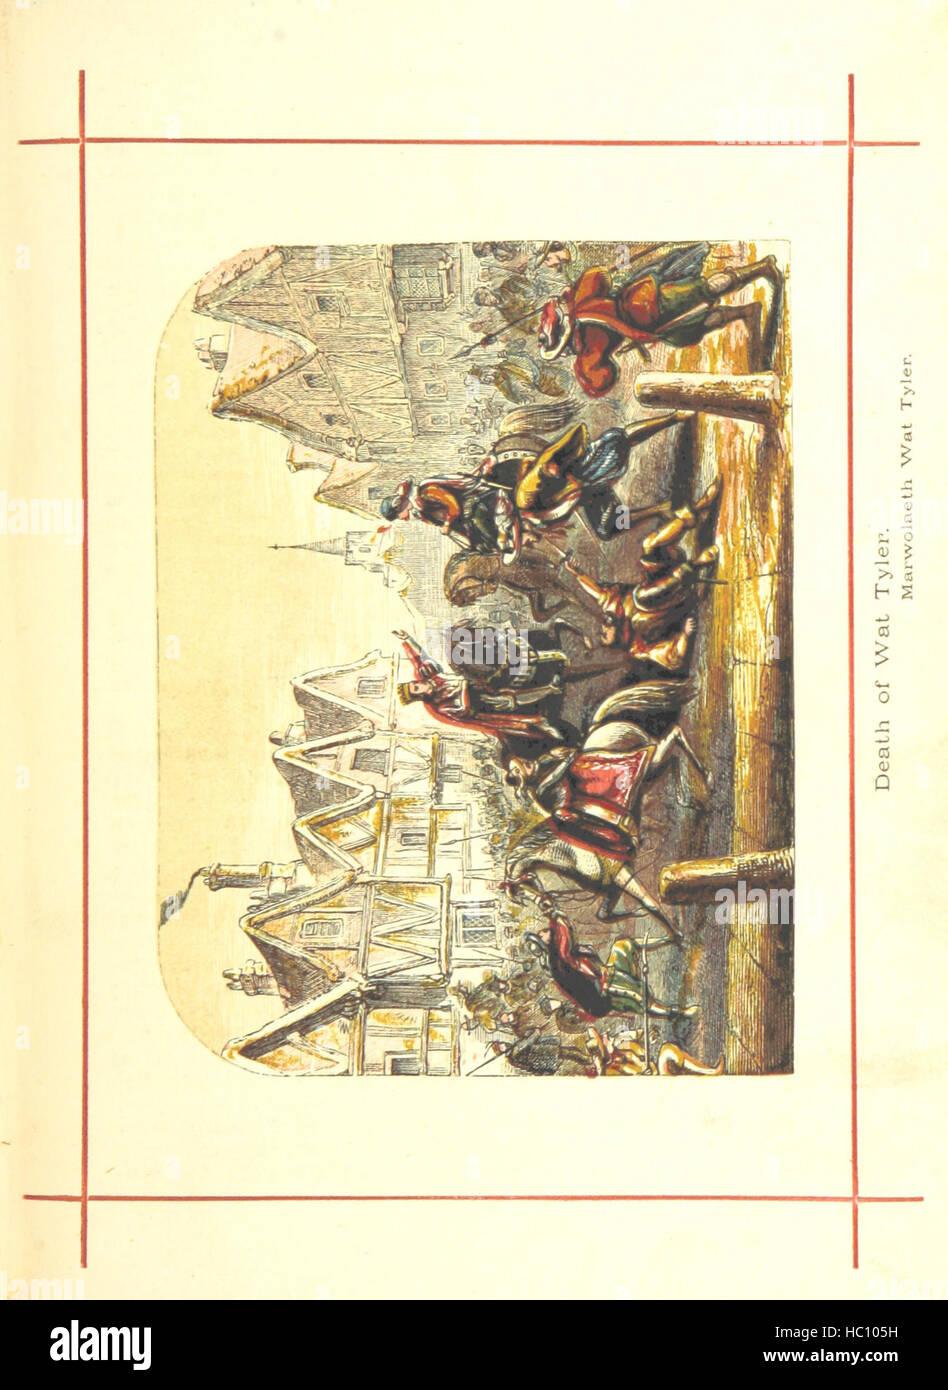 Hanes Prydain Fawr: o'r cyfnod boreuaf hyd yr amser presenol, etc. [With plates.] Image taken from page 355 - Stock Image